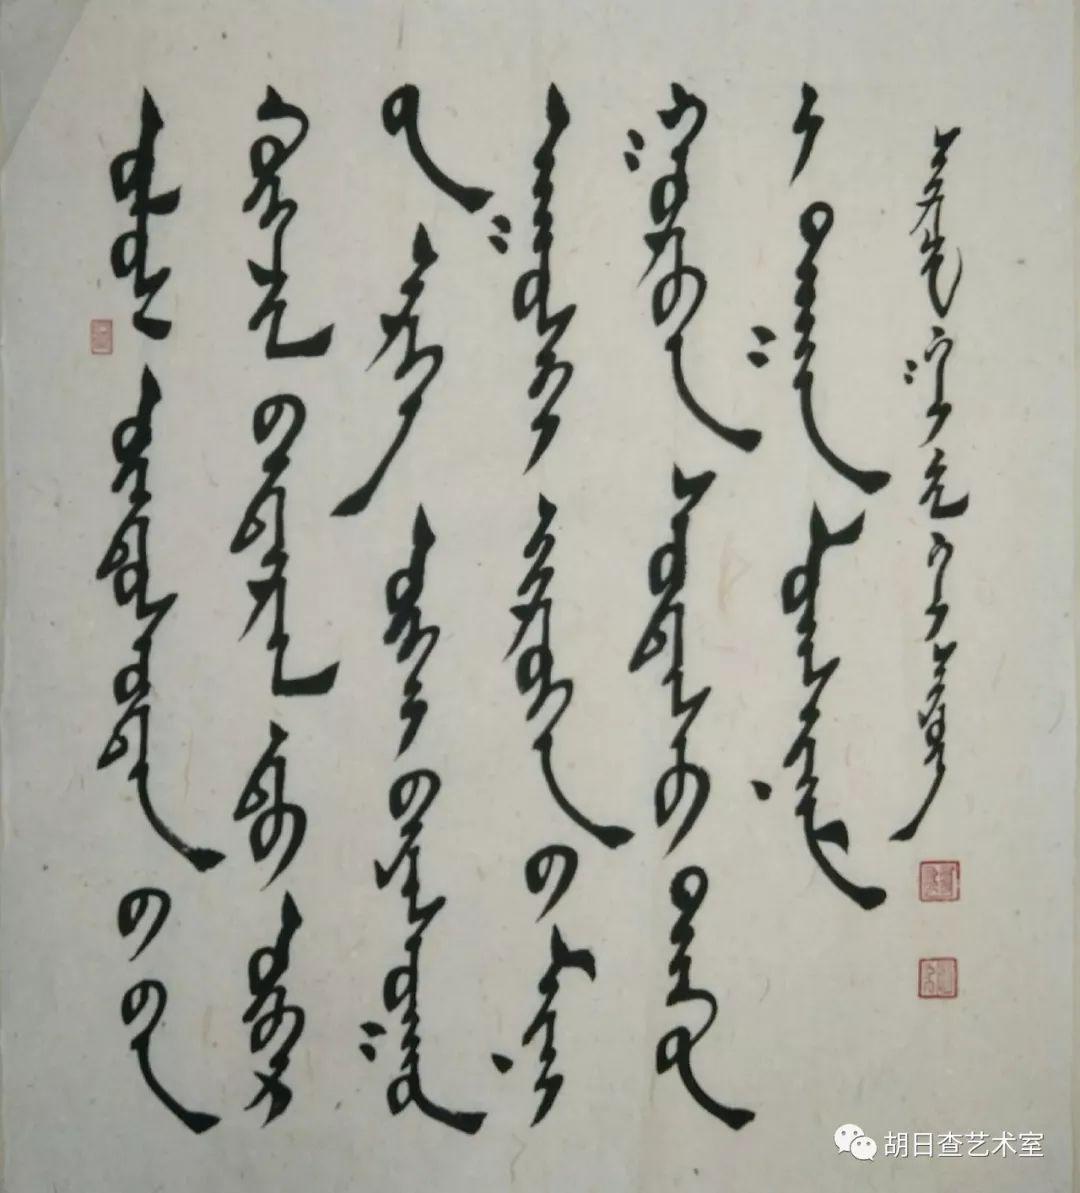 海雄 • 蒙古文书法作品欣赏 第5张